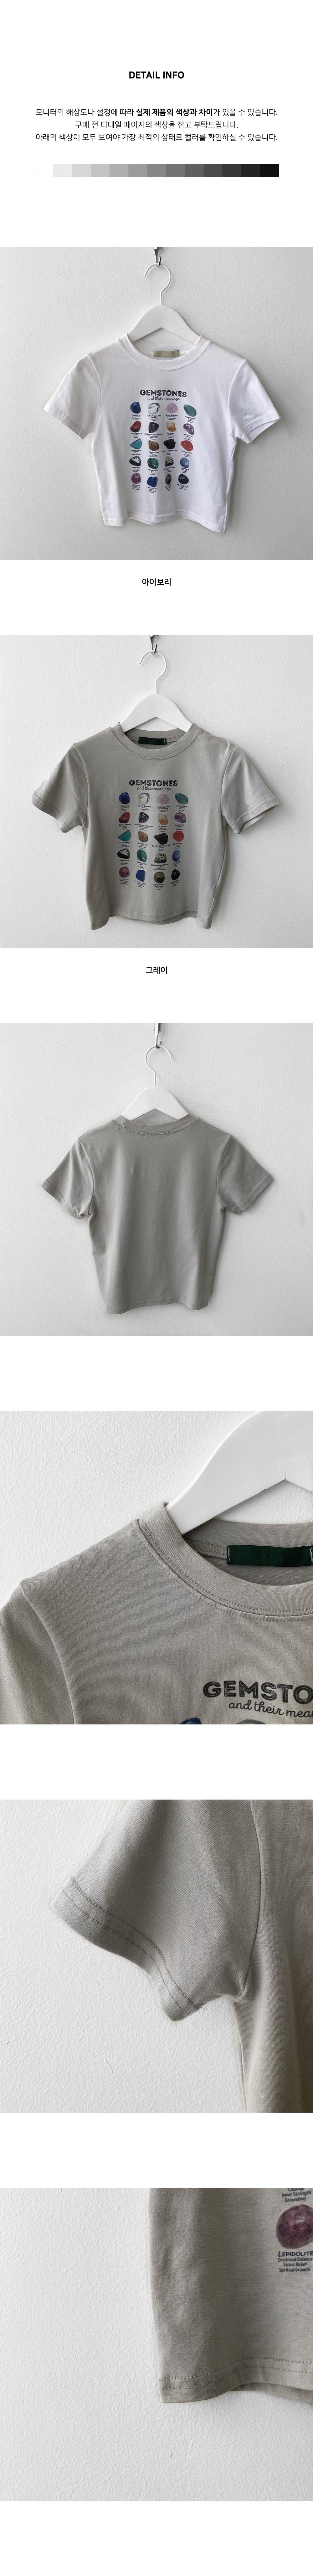 Jude Stone Print Slim Short Sleeve T-shirt